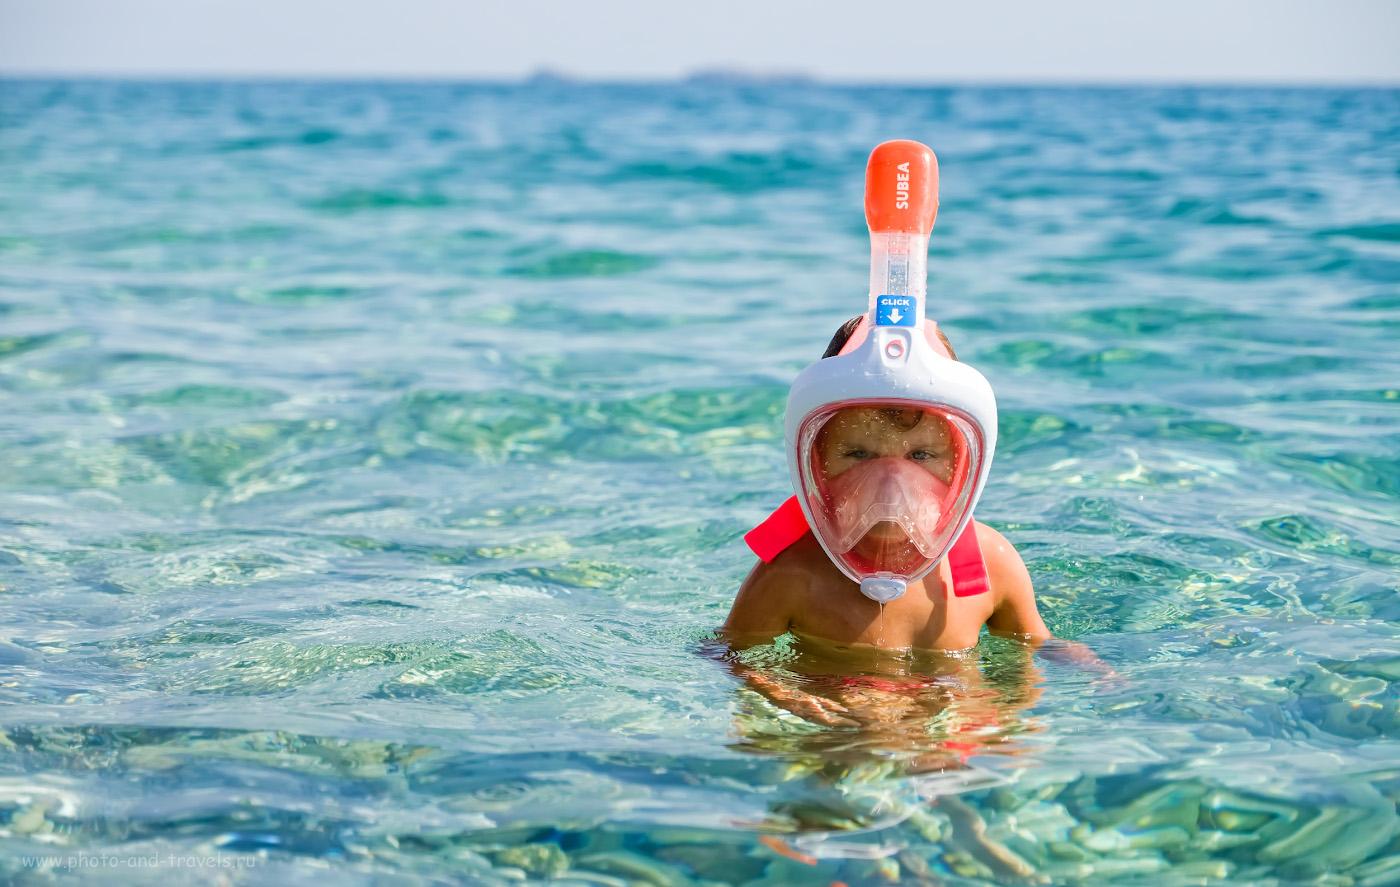 Фото 36. Маска «EASYBREATH» для снорклинга. Маленькие дети могут дышать одновременно и носом, и ртом. Рекомендации, что взять для отдыха на море. 1/2700, 2.8, 200, +0.67, 55.